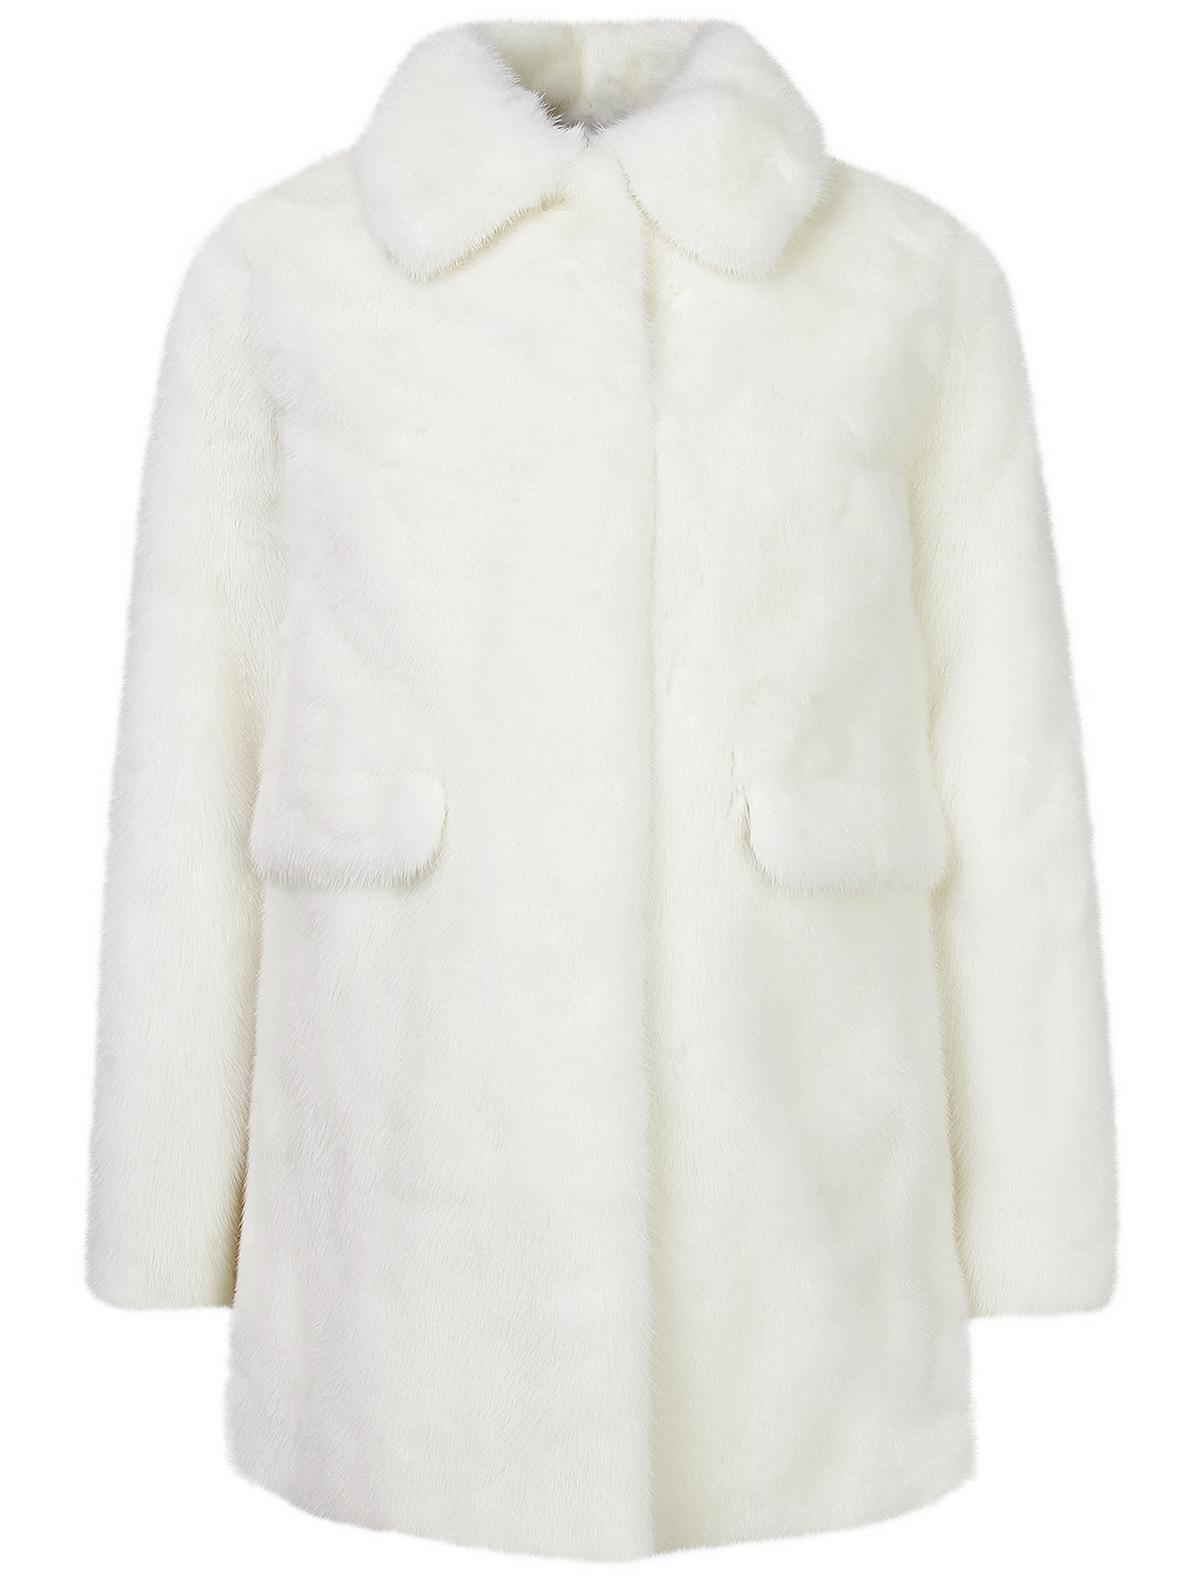 Купить 1912249, Пальто меховое (шуба) Yves Salomon, белый, Женский, 1731208880284